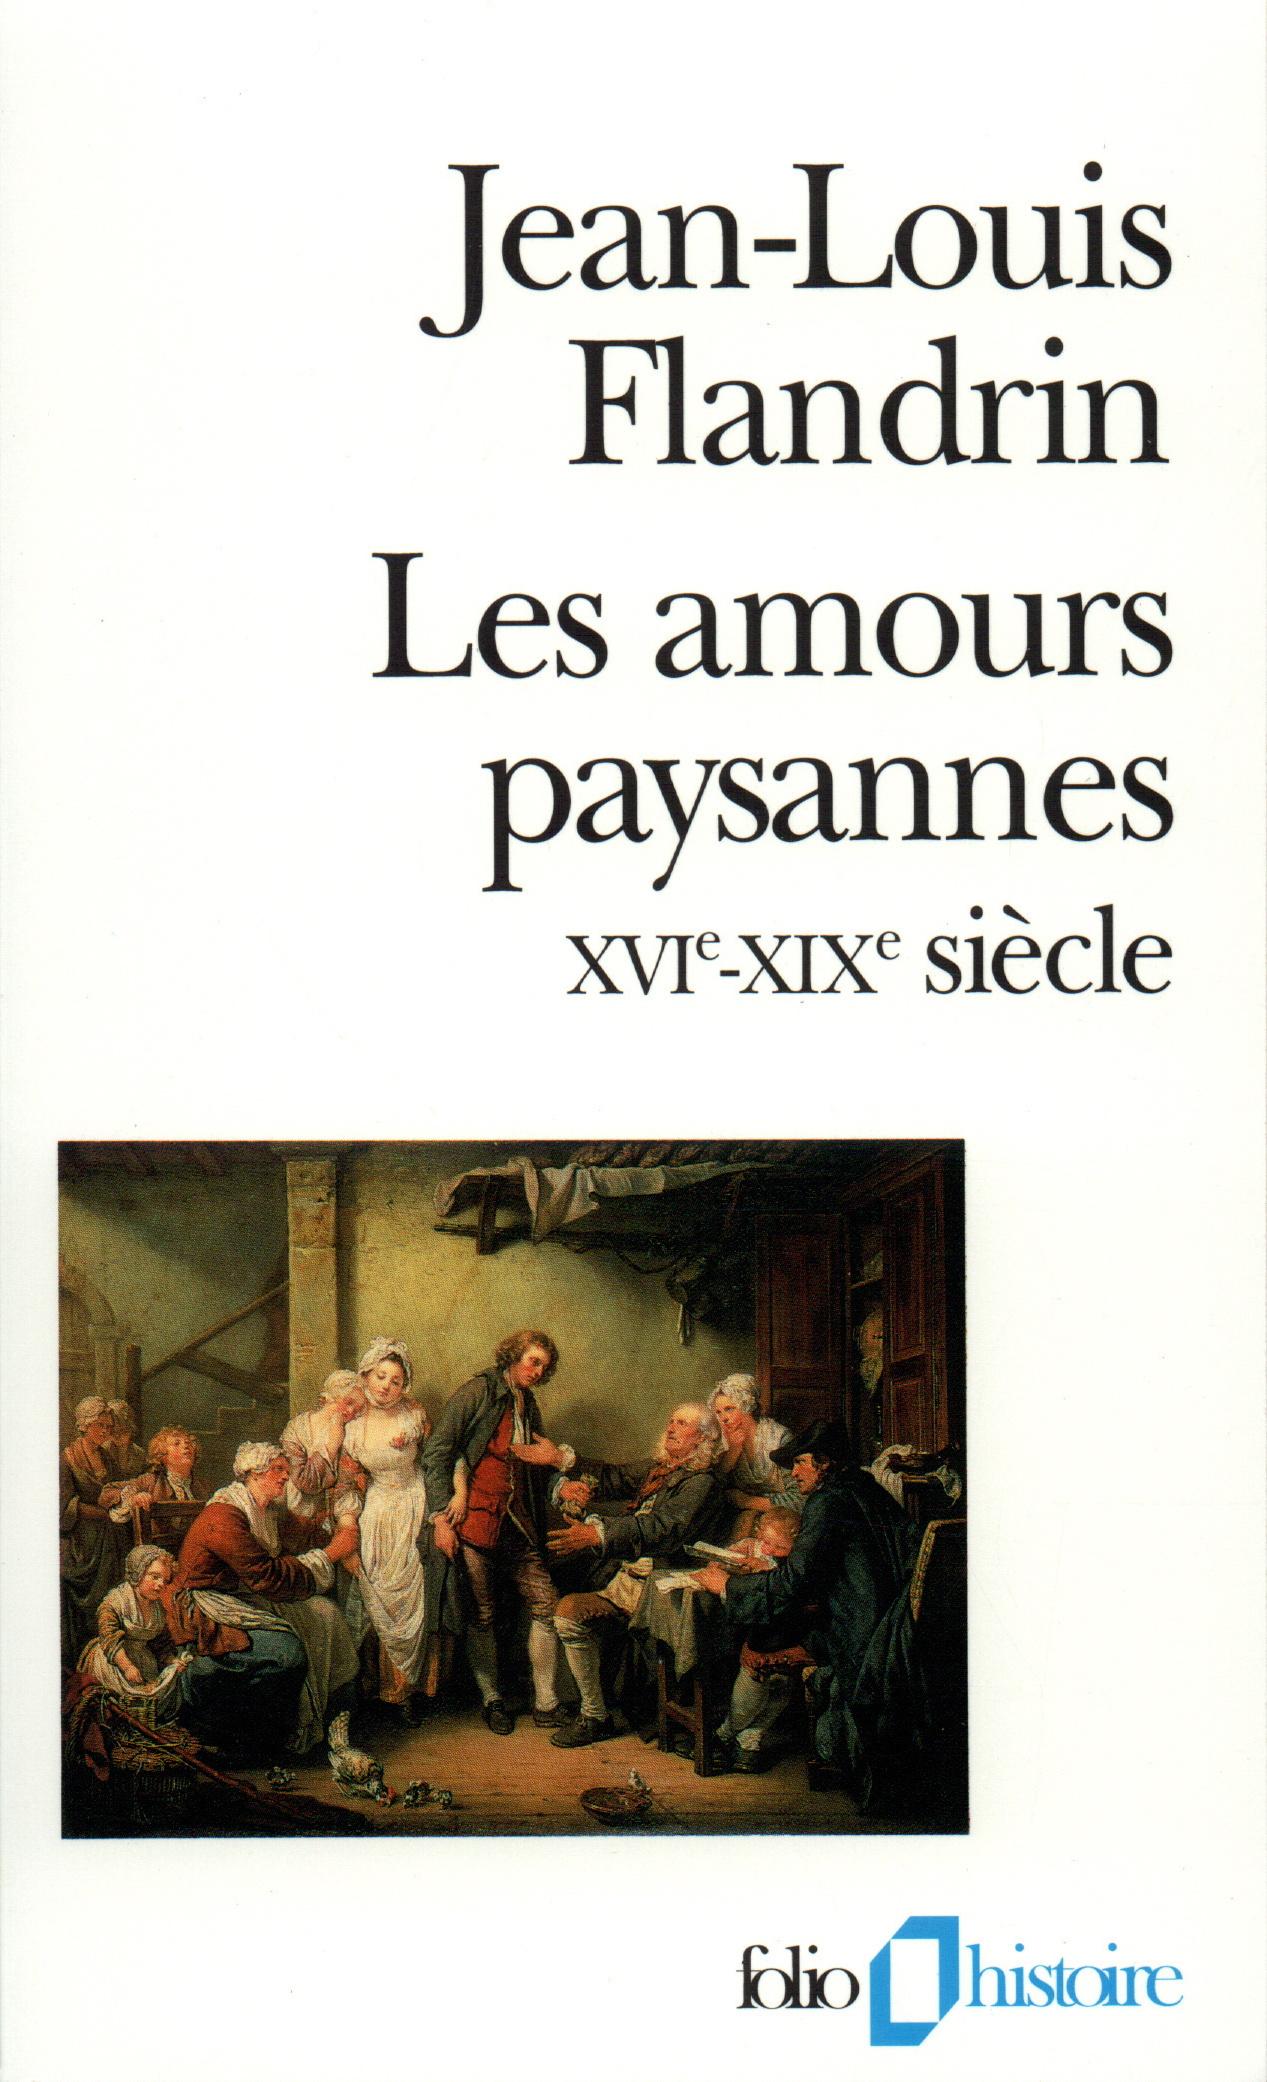 LES AMOURS PAYSANNES